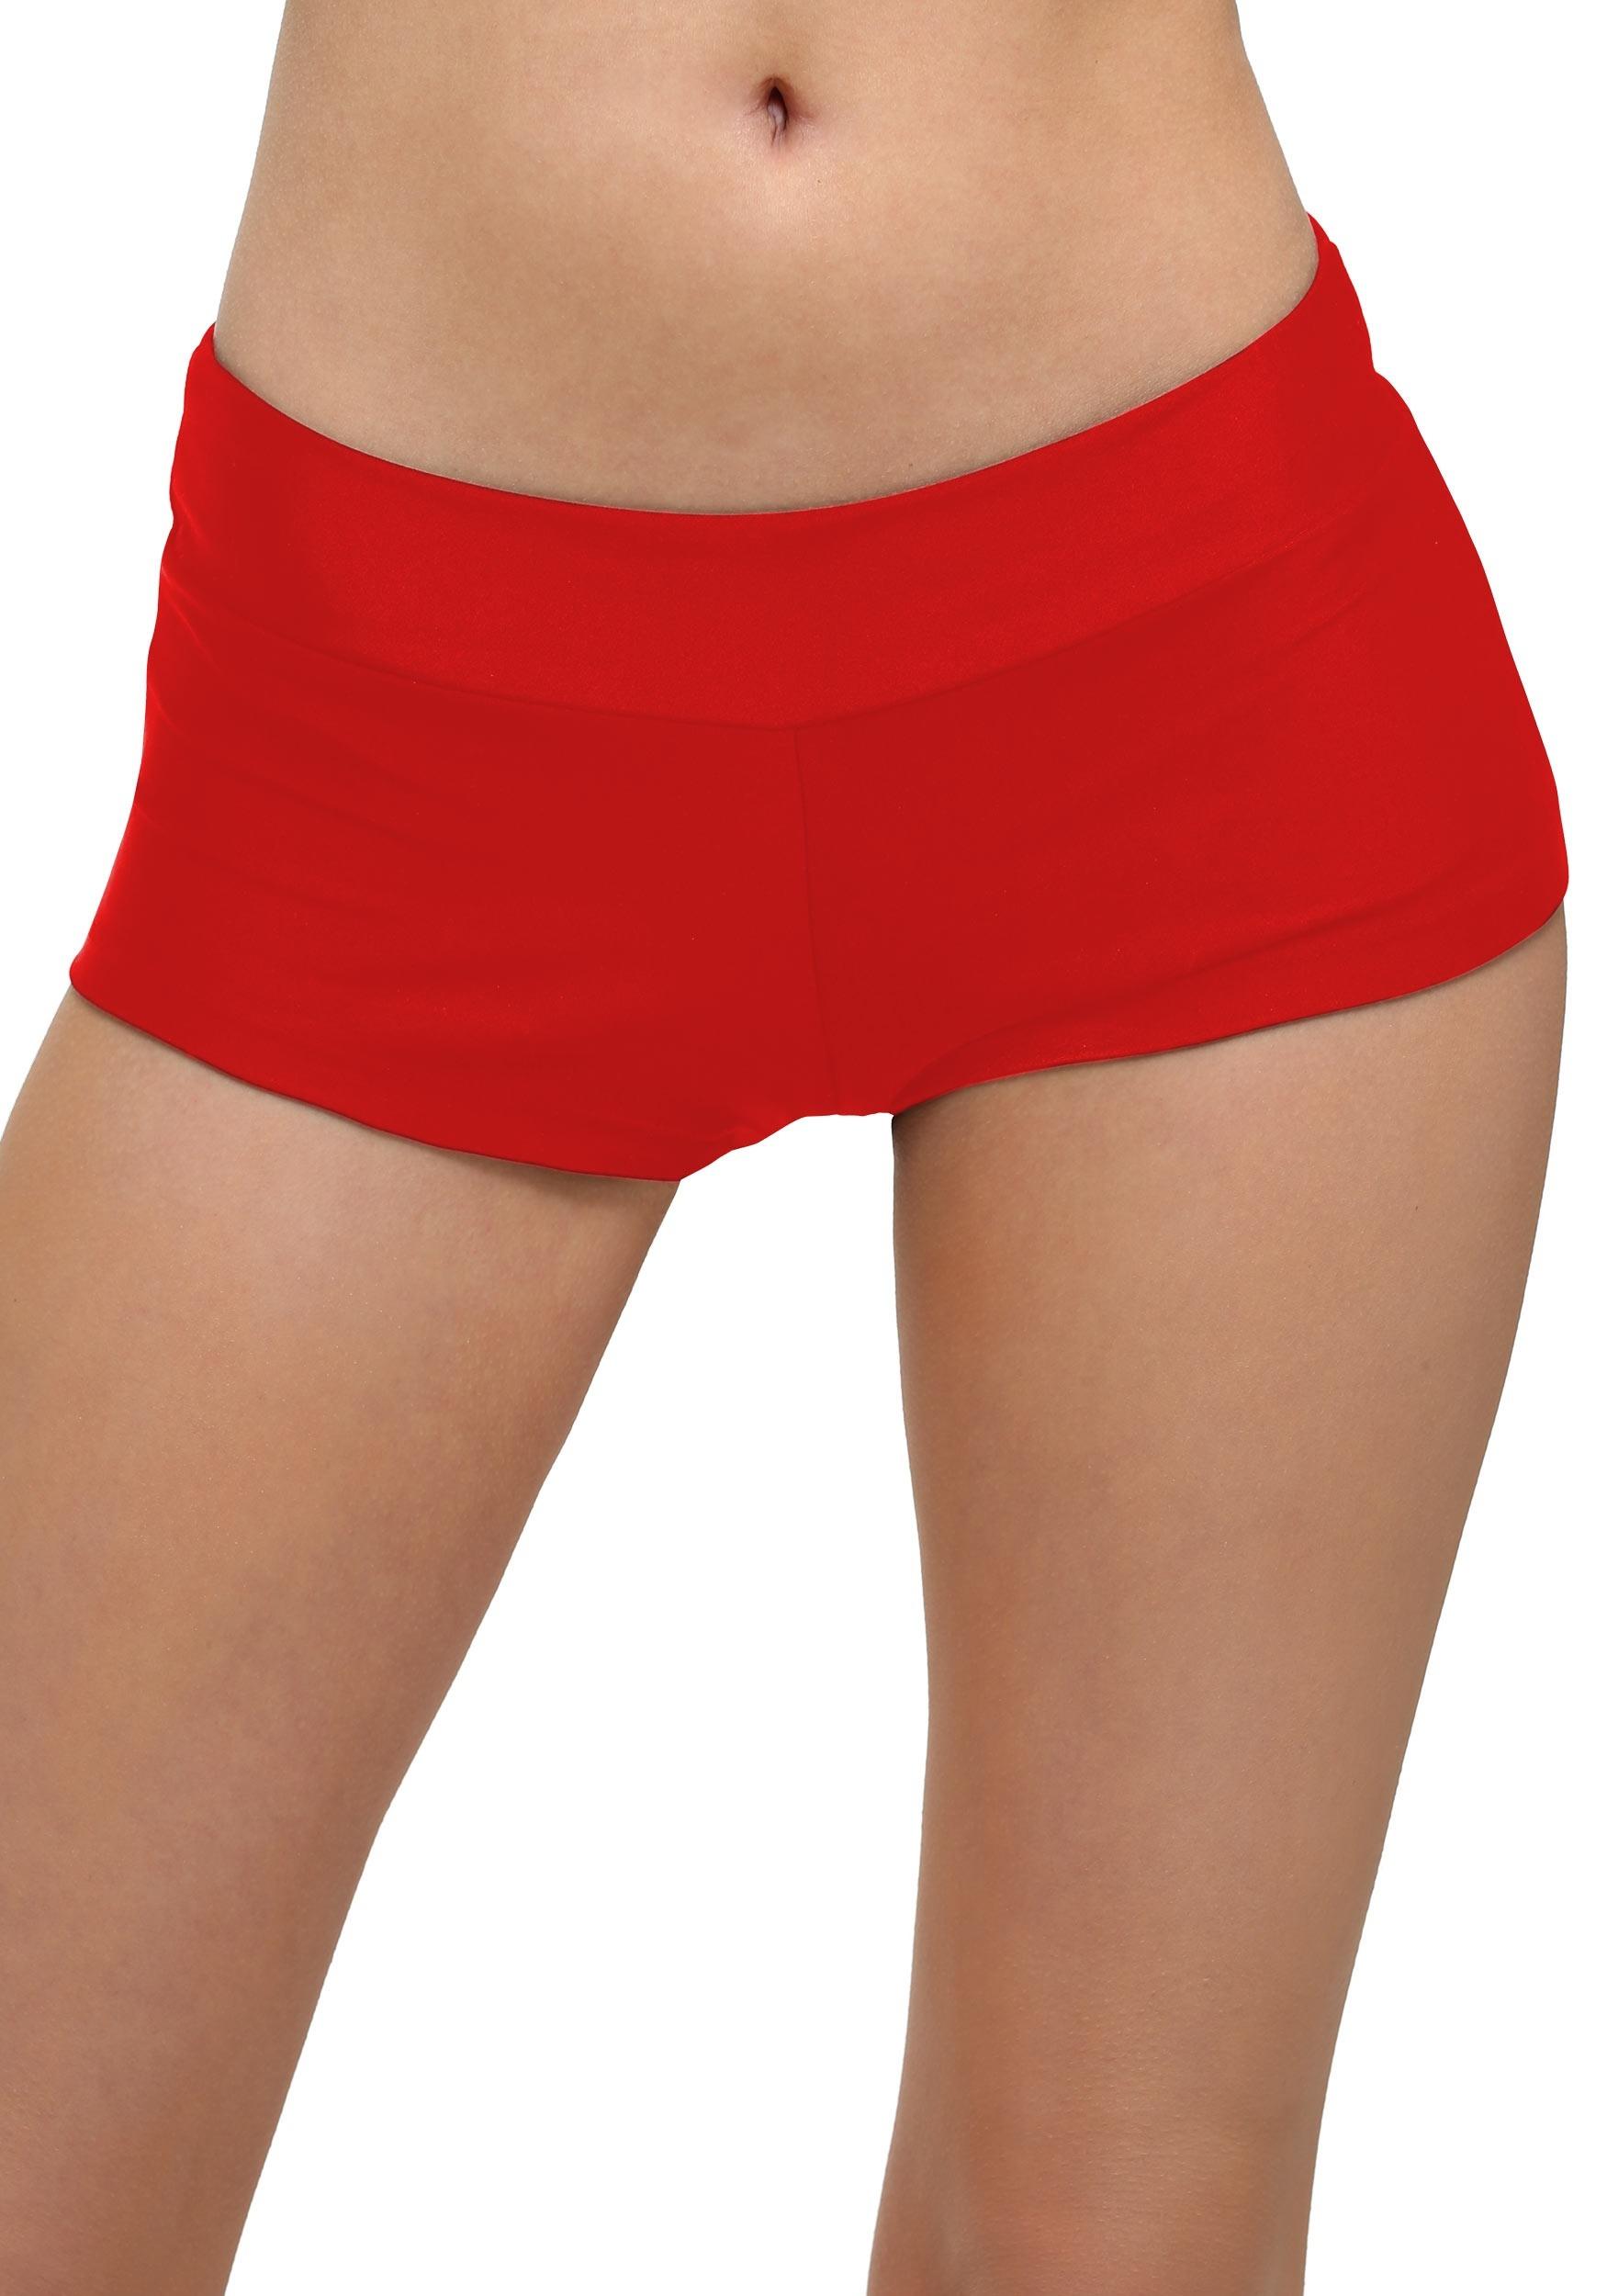 Women's Deluxe Red Hot Pants